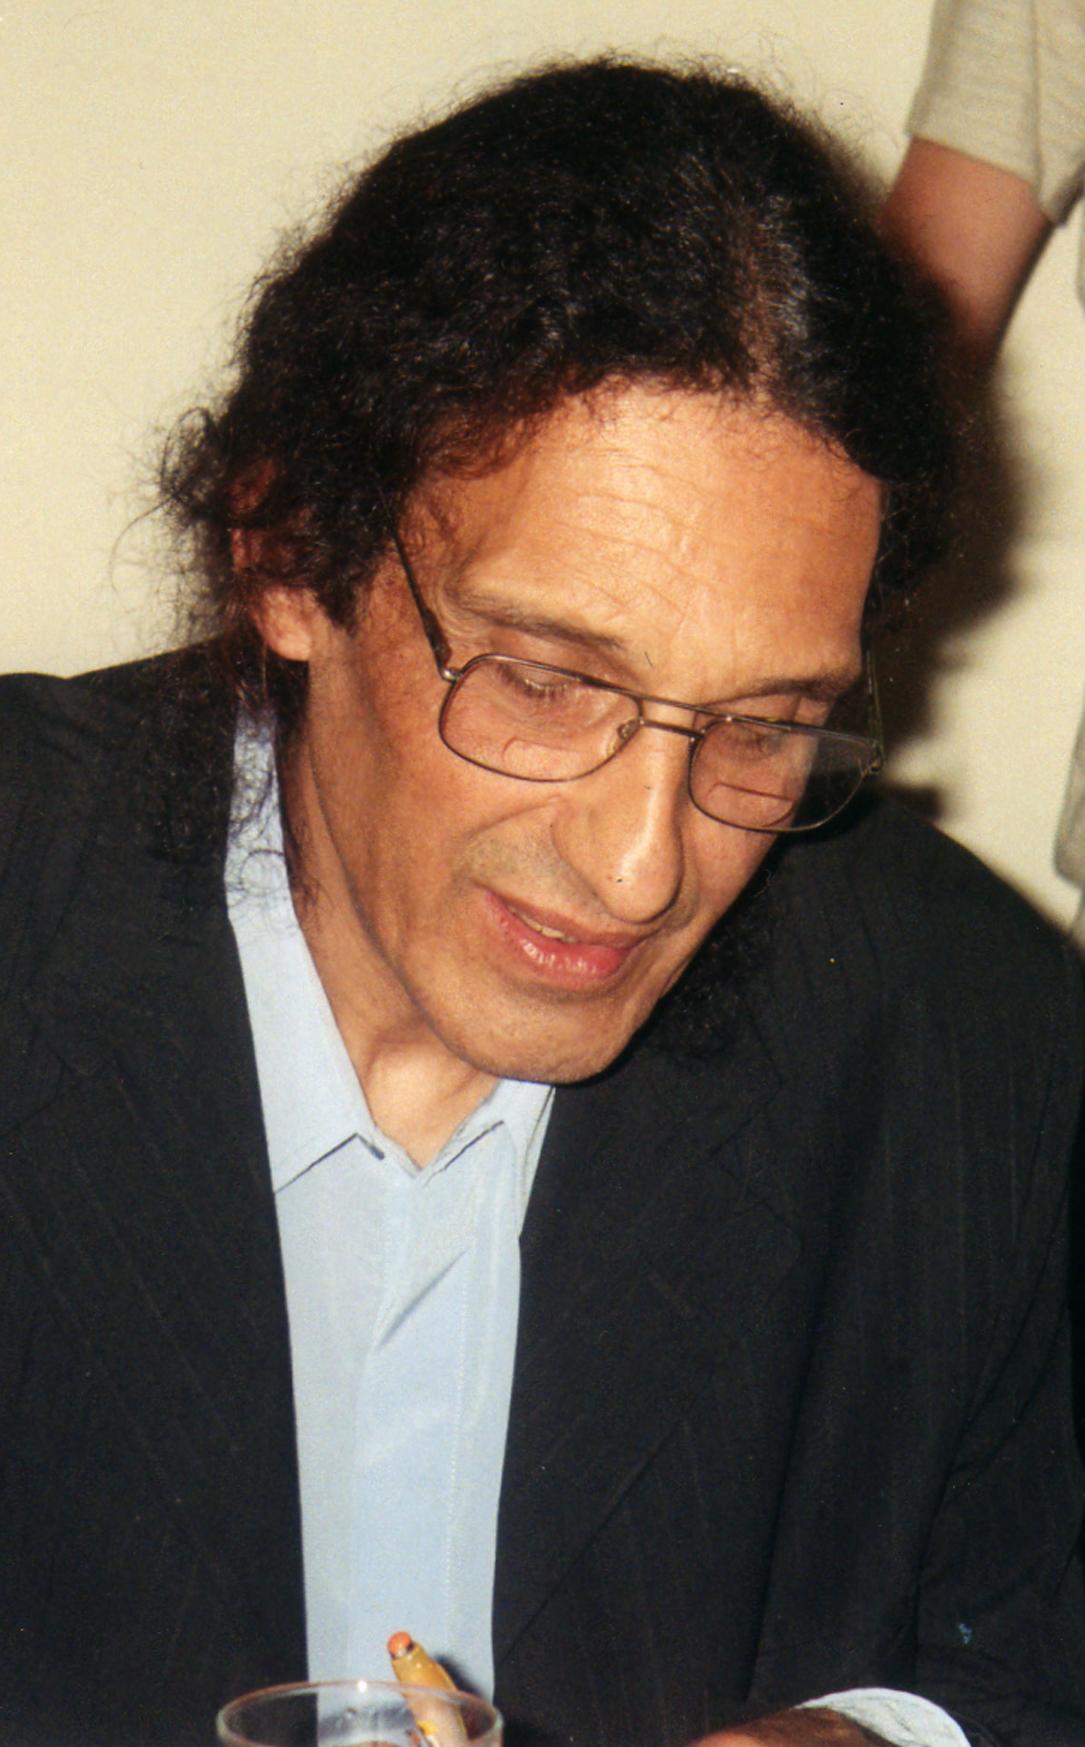 Ricardo Soulé en La Feria del Libro, en Mar del Plata.